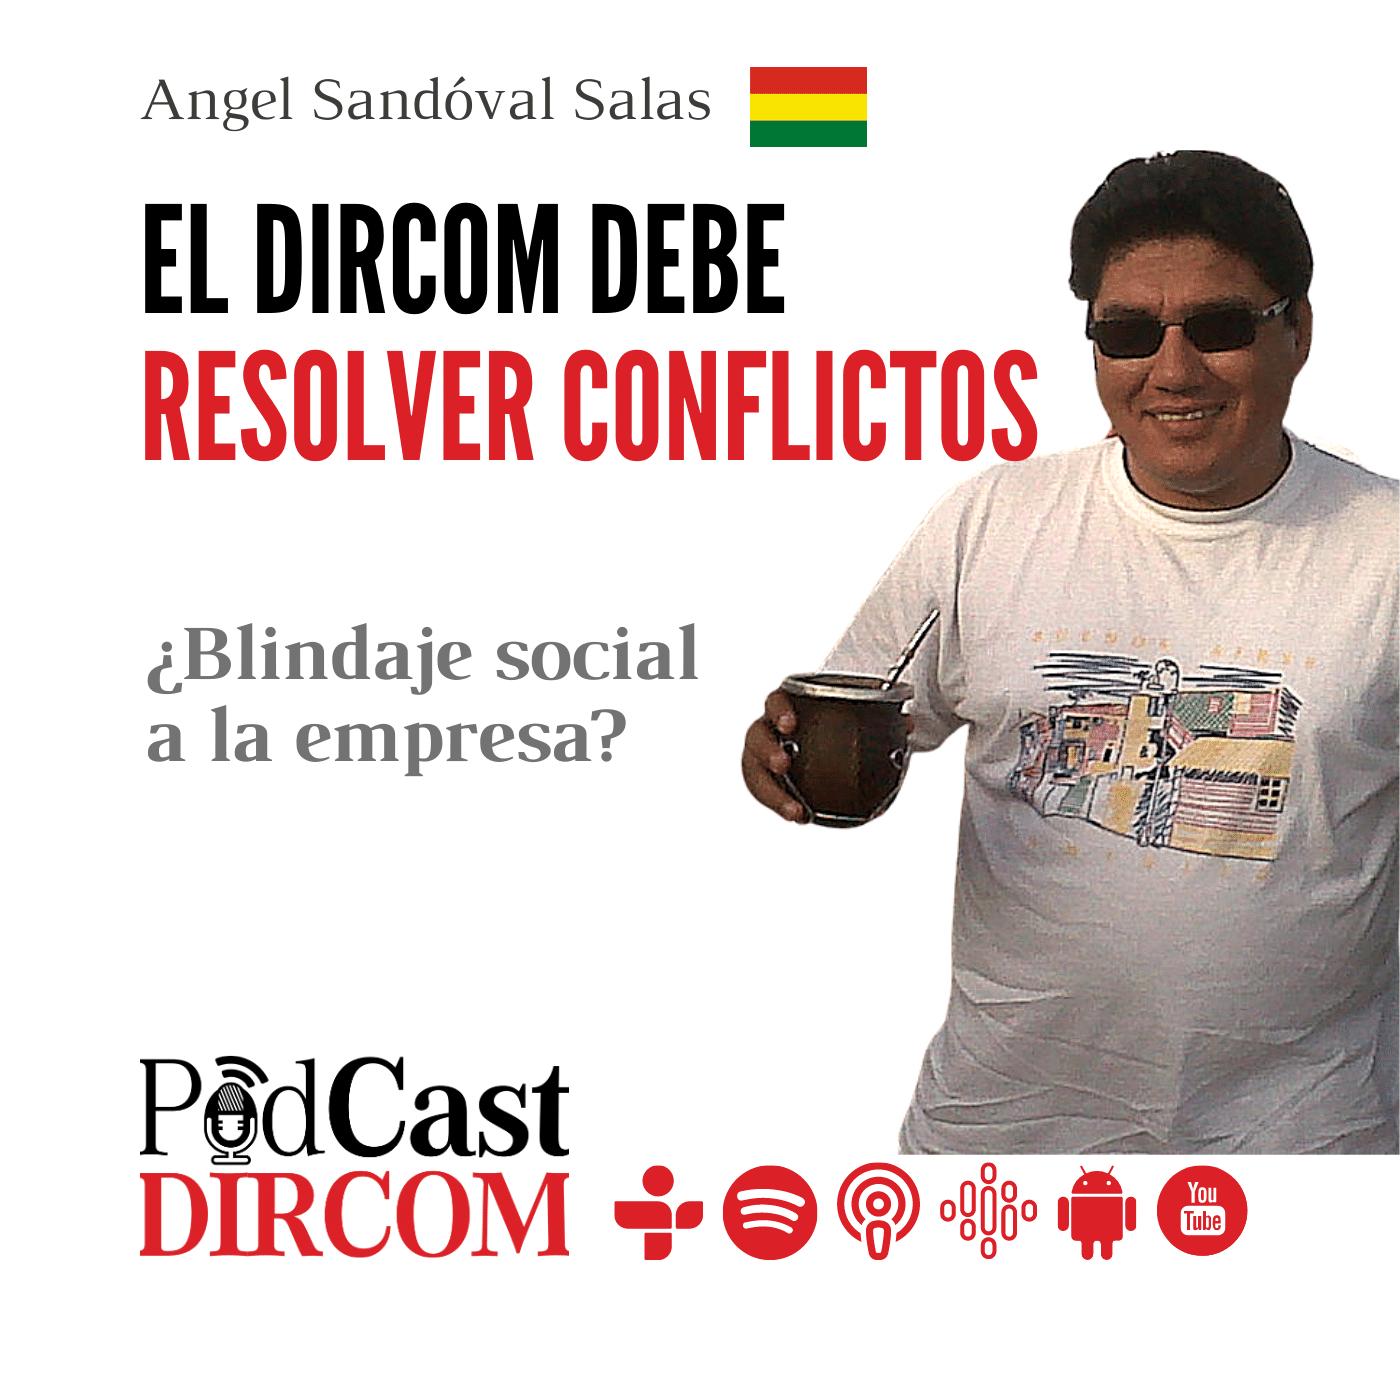 El dircom debe resolver conflictos